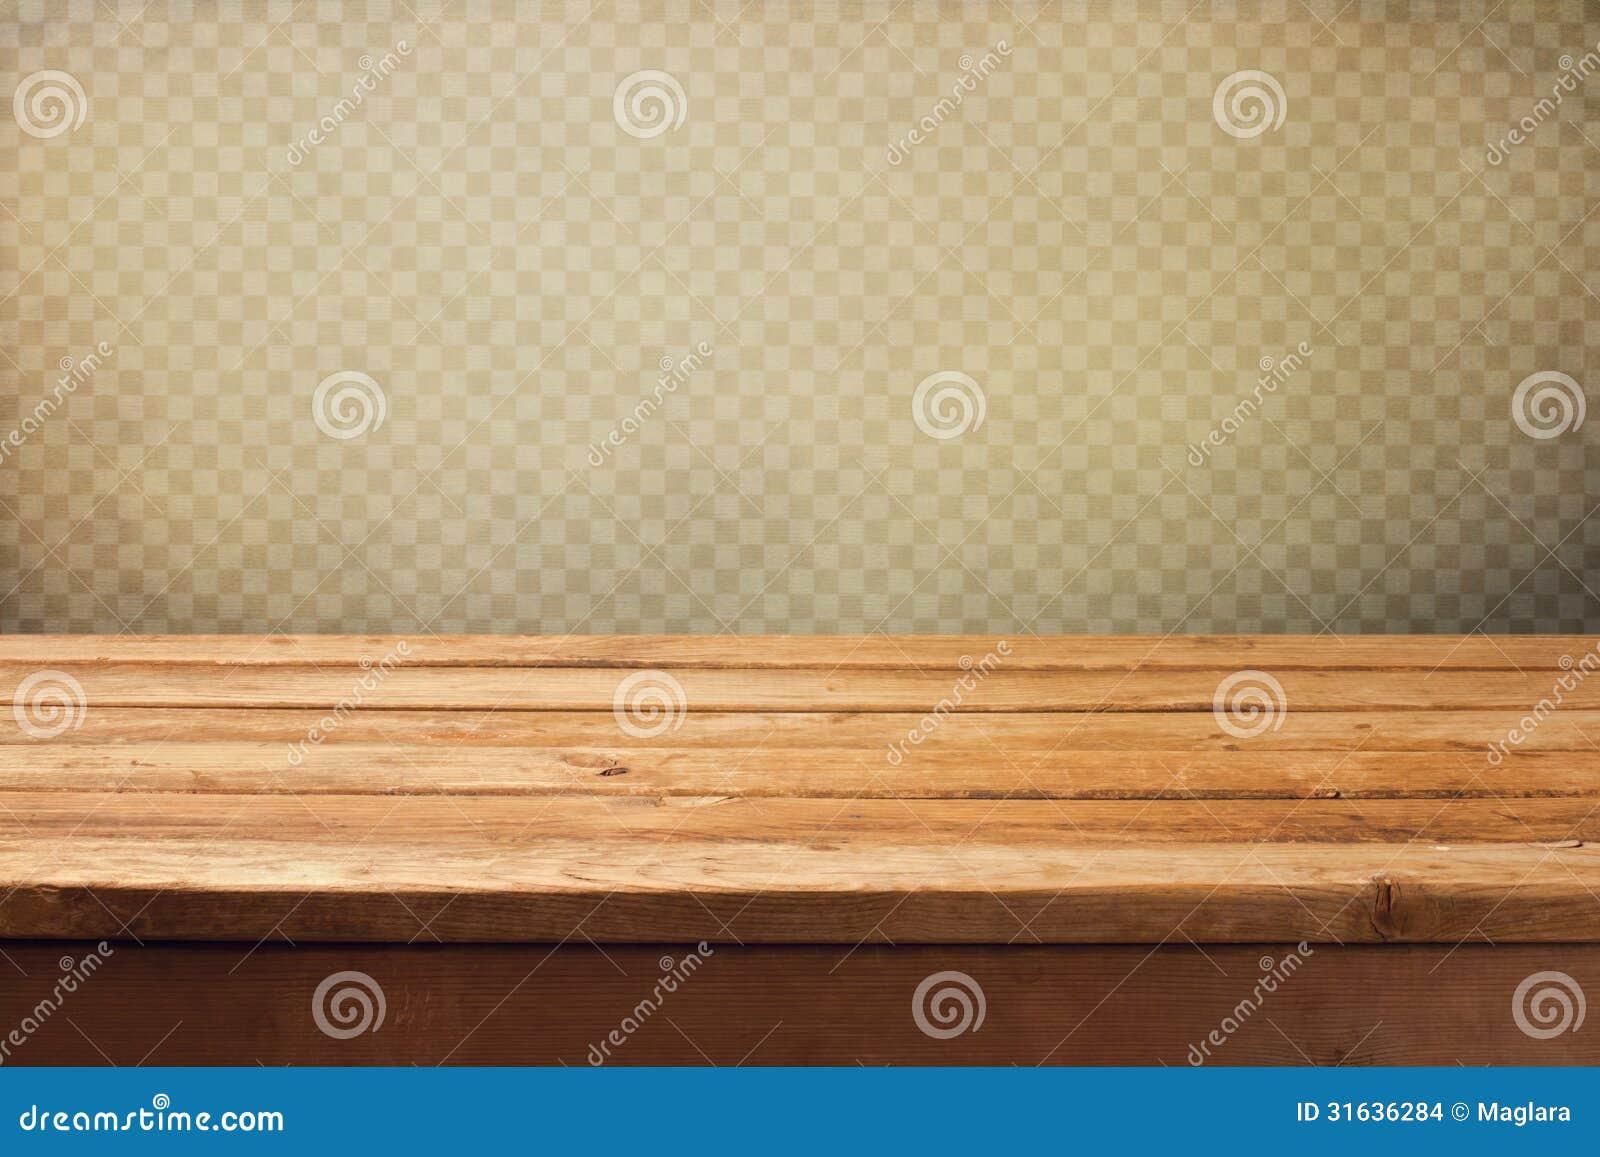 Fond de vintage avec la table en bois de plate-forme au-dessus du papier peint grunge avec des places